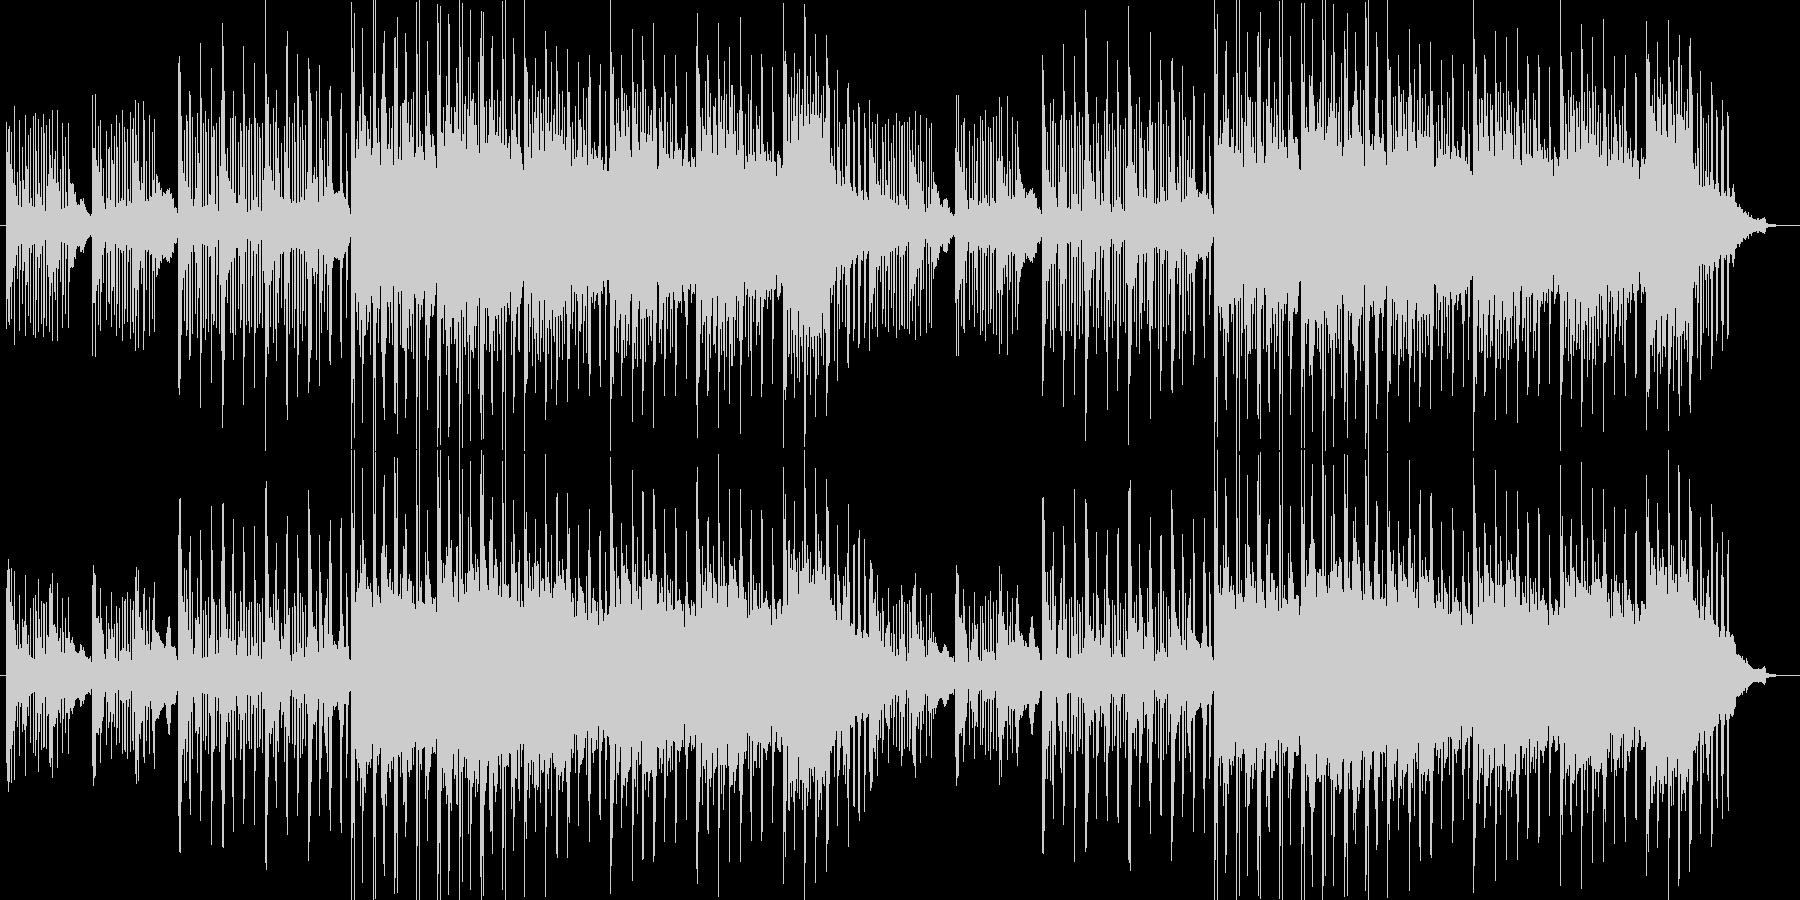 エレクトロニカでオシャレな曲の未再生の波形